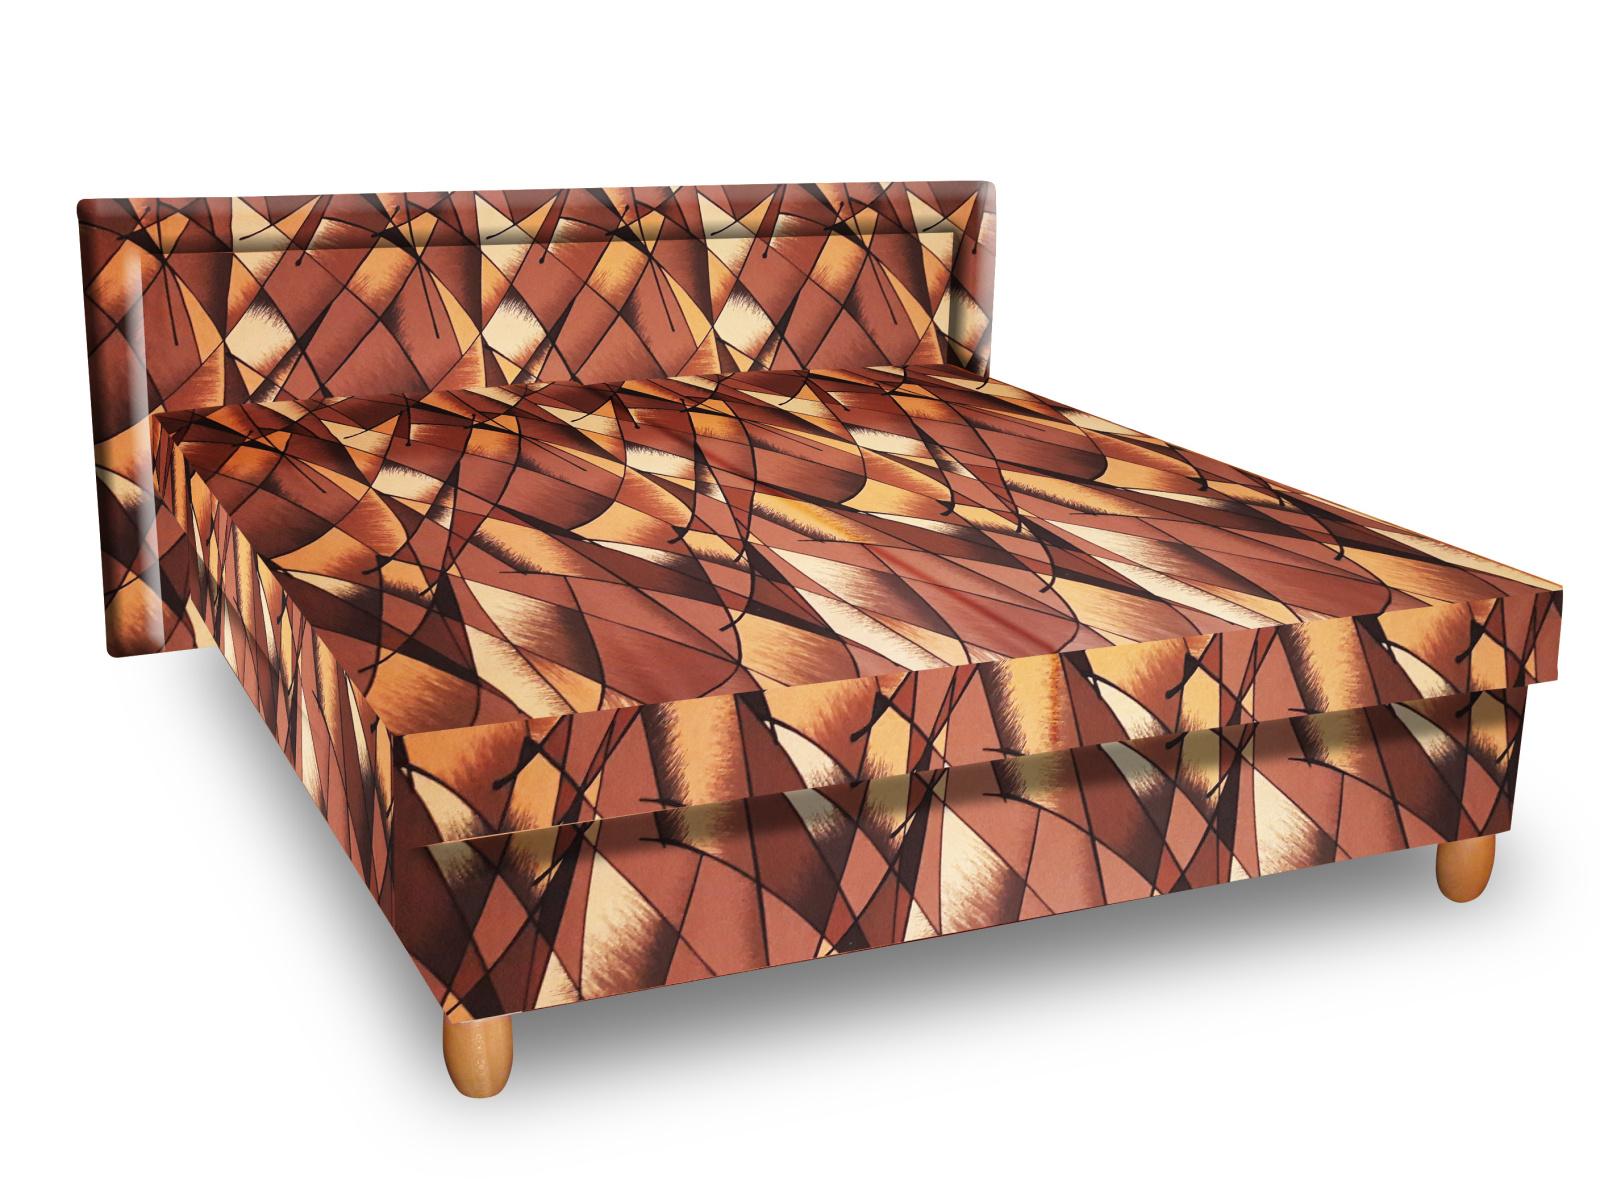 Smartshop Čalouněná postel IVA 160x195 cm, hnědožlutá látka